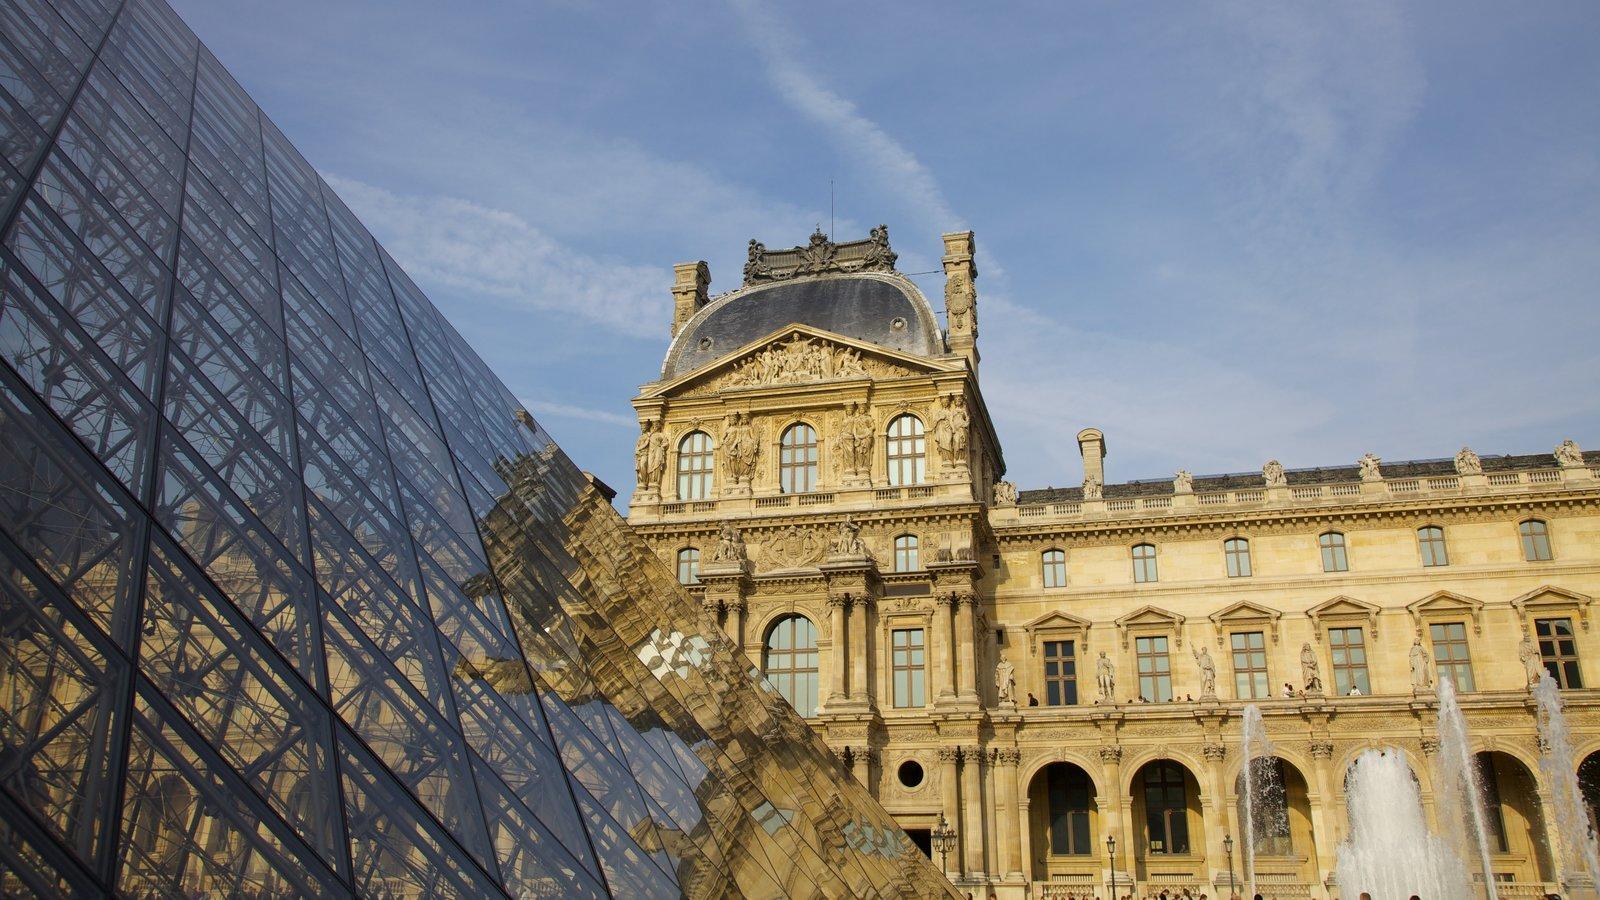 Iha-de-França que inclui um castelo, uma cidade e uma praça ou plaza